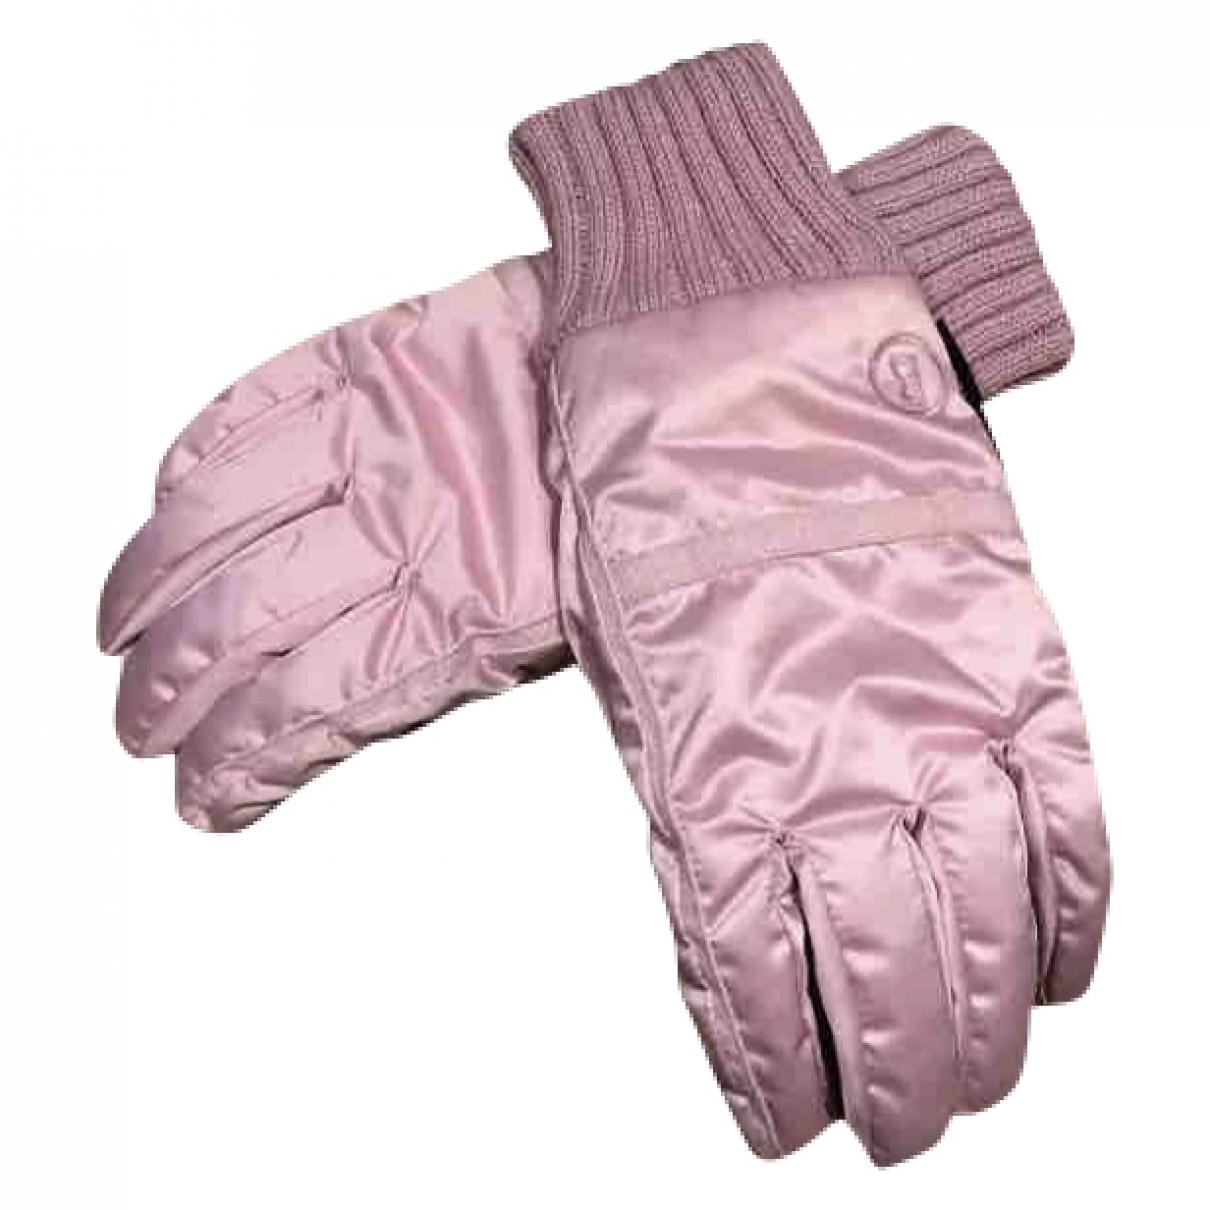 Bogner \N Handschuhe in  Rosa Polyester